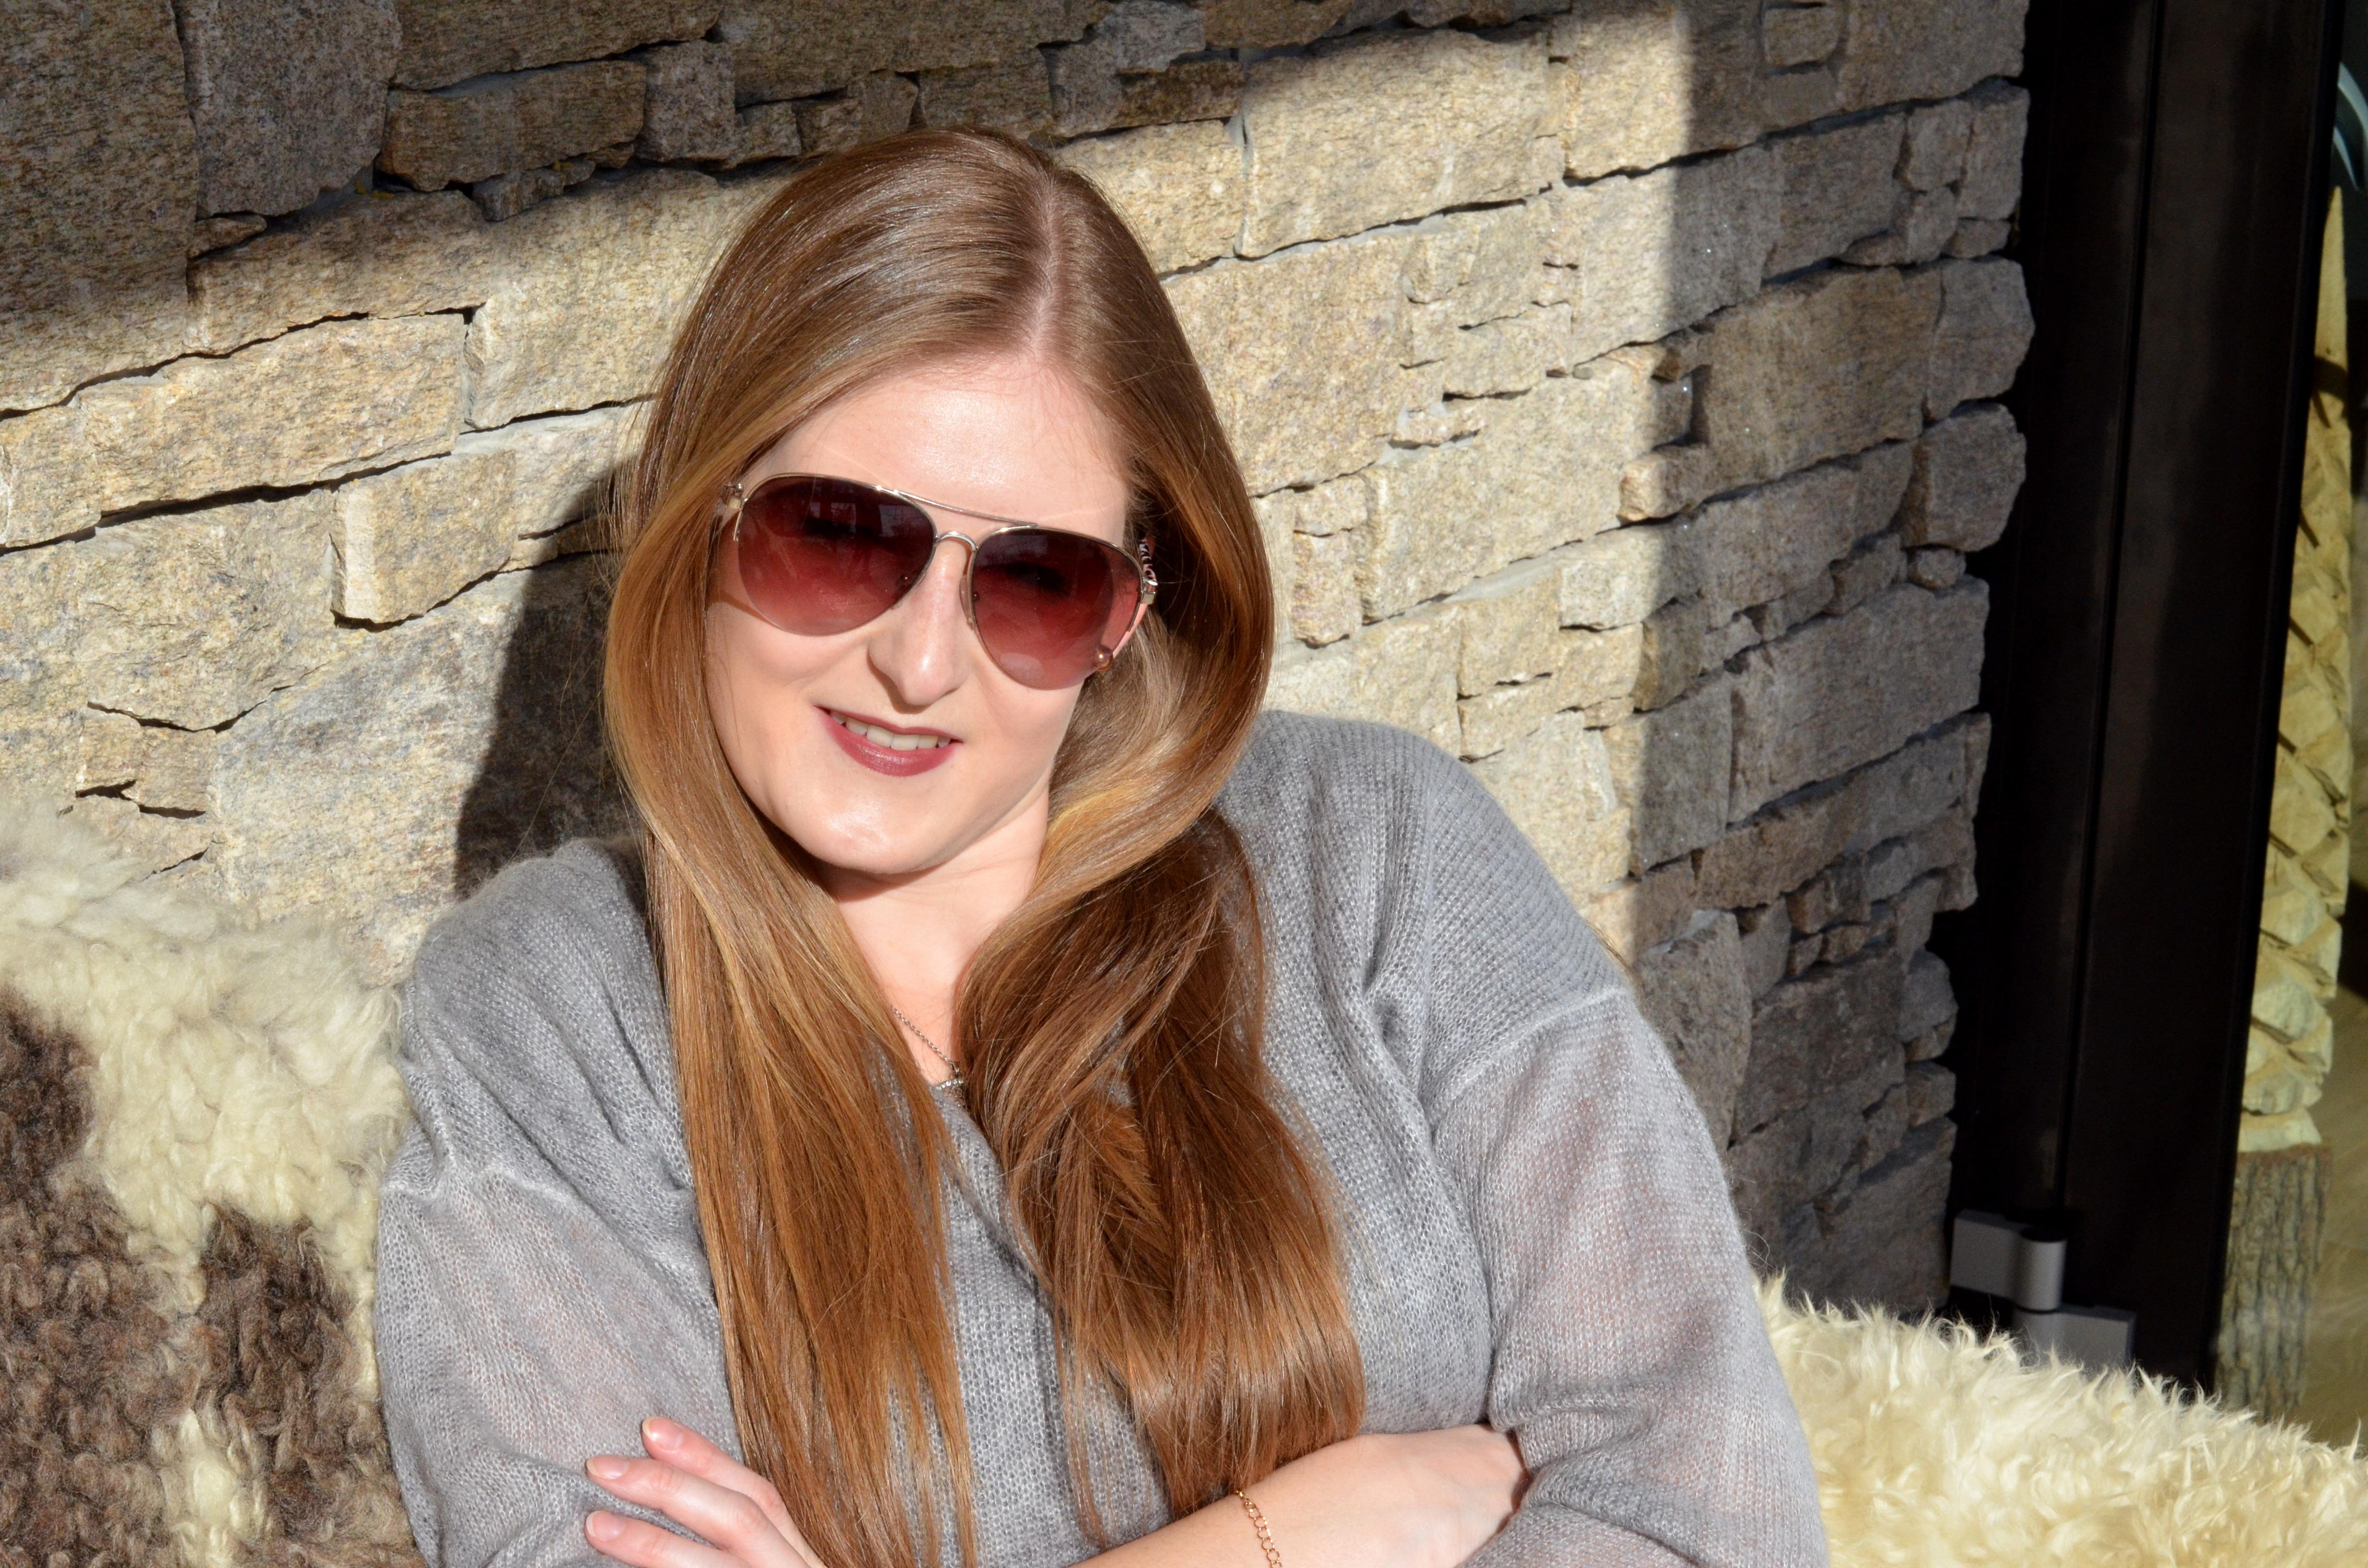 graues Strickkleid mit Spitze, Sonnenbrille, rote Lederhandschuhe, Winteroutfit, lässig, schlickt, Cluse, Cluse uhr, Schaffell